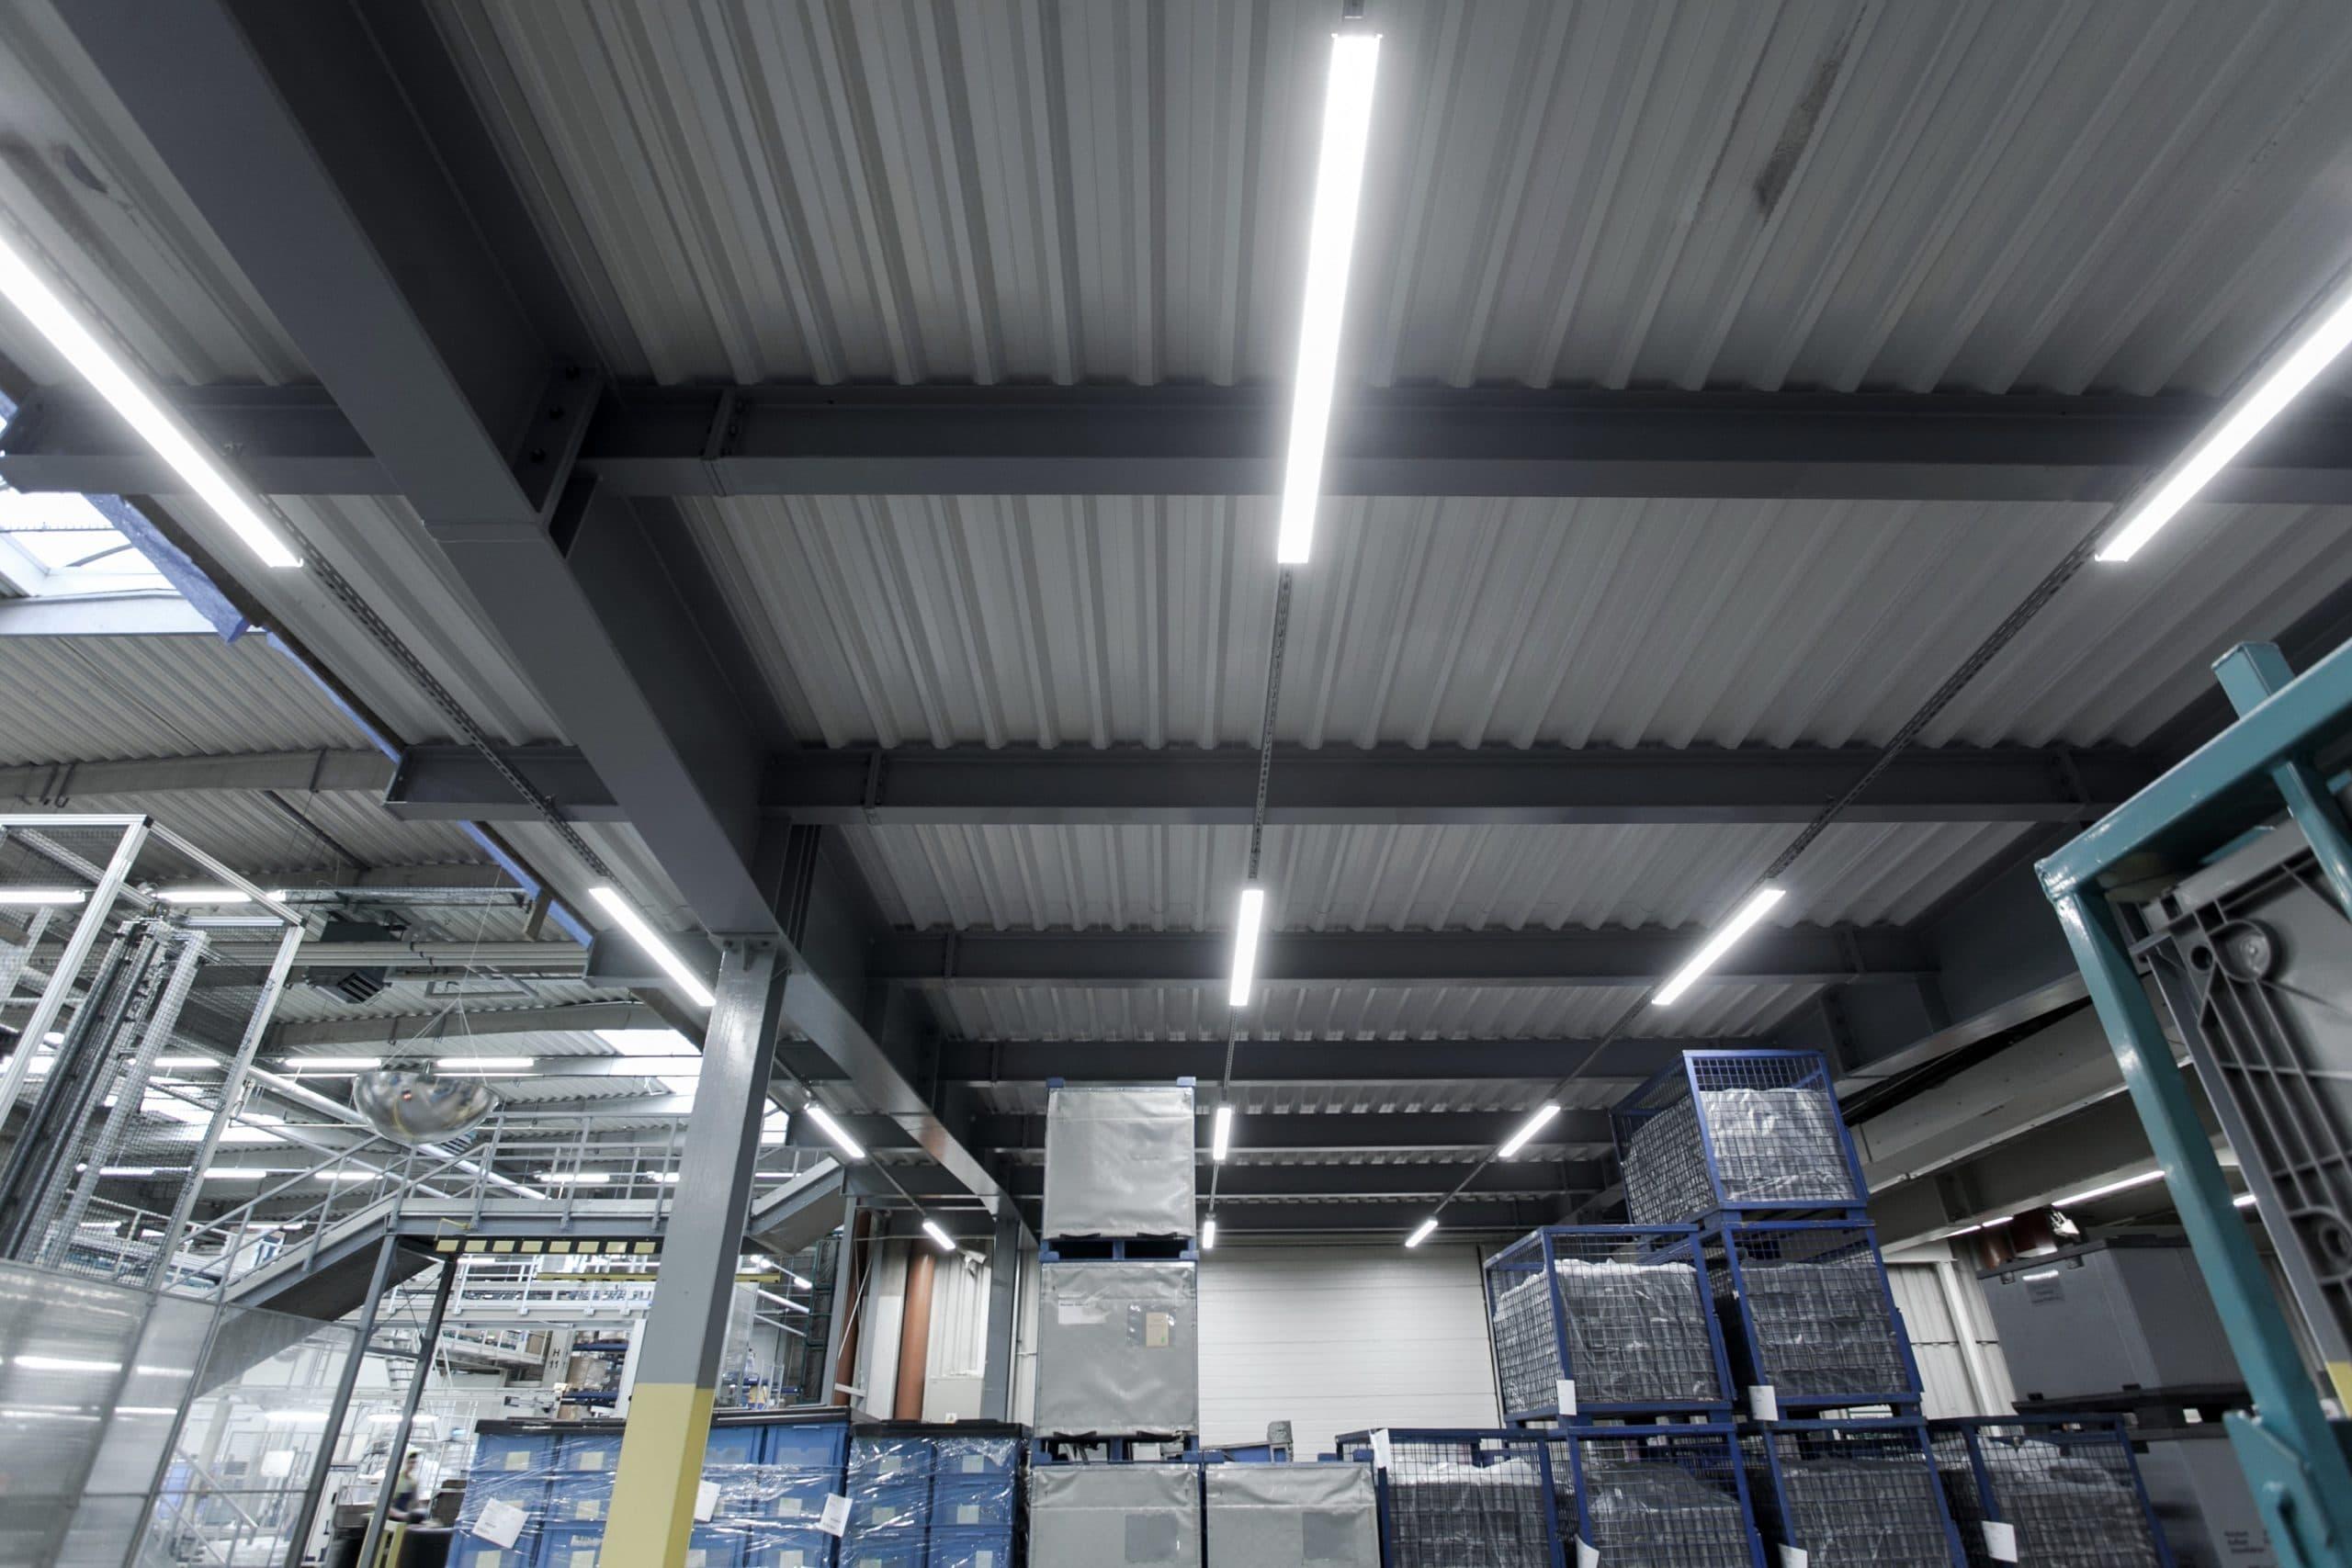 Hala magazynowo-produkcyjna firmy BSH po modernizacji oświetlenia na Industrial - Luxon LED